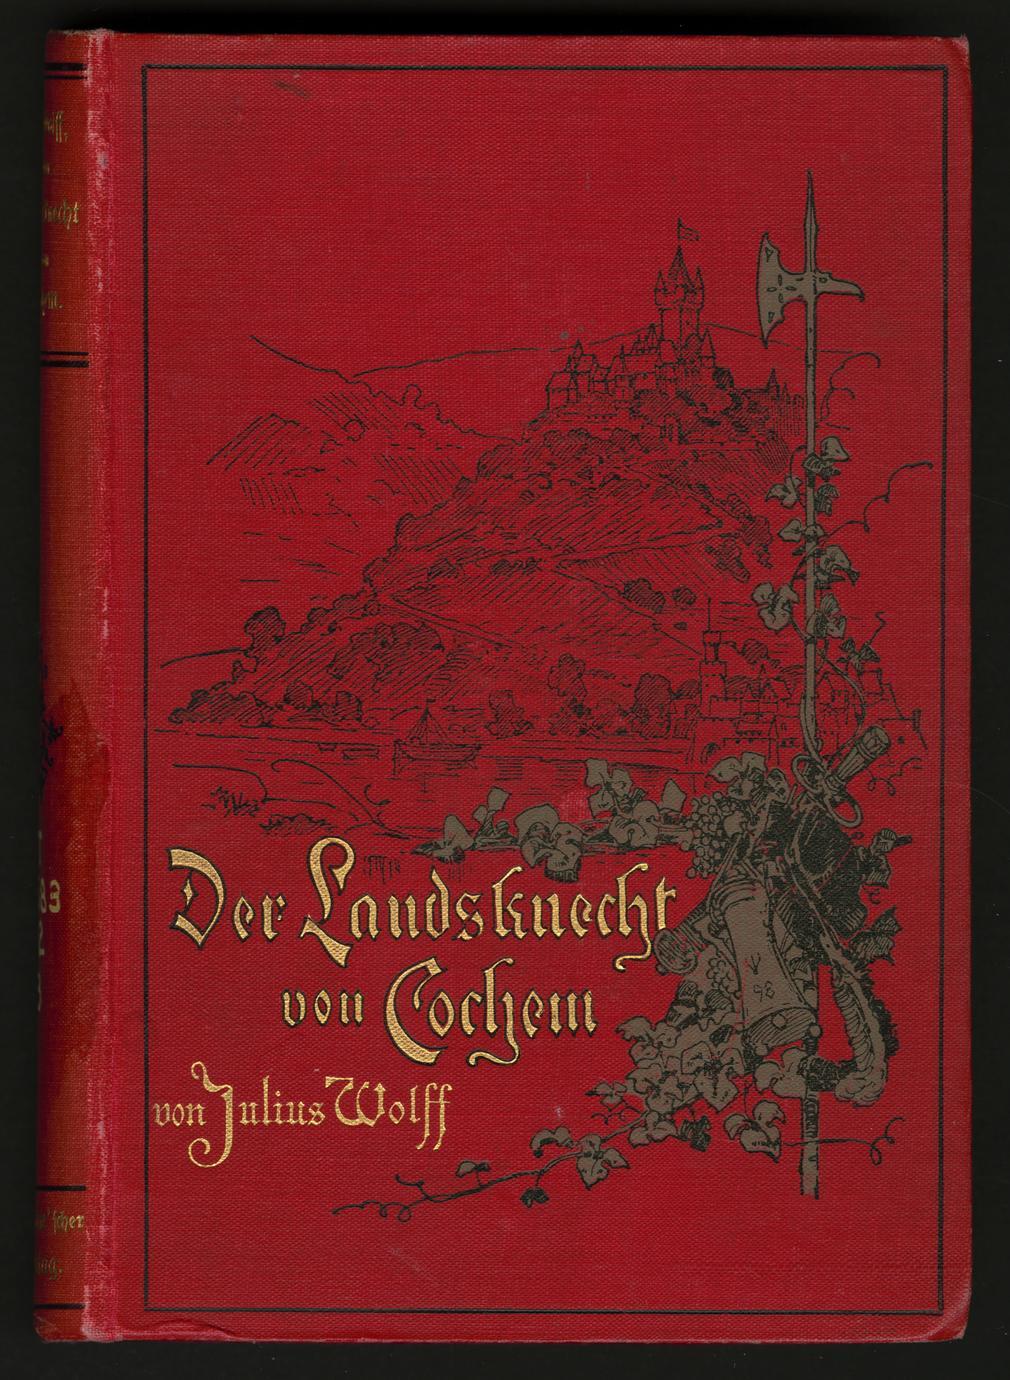 Der Landsknecht von Cochem : ein Sang von der Mosel (1 of 4)